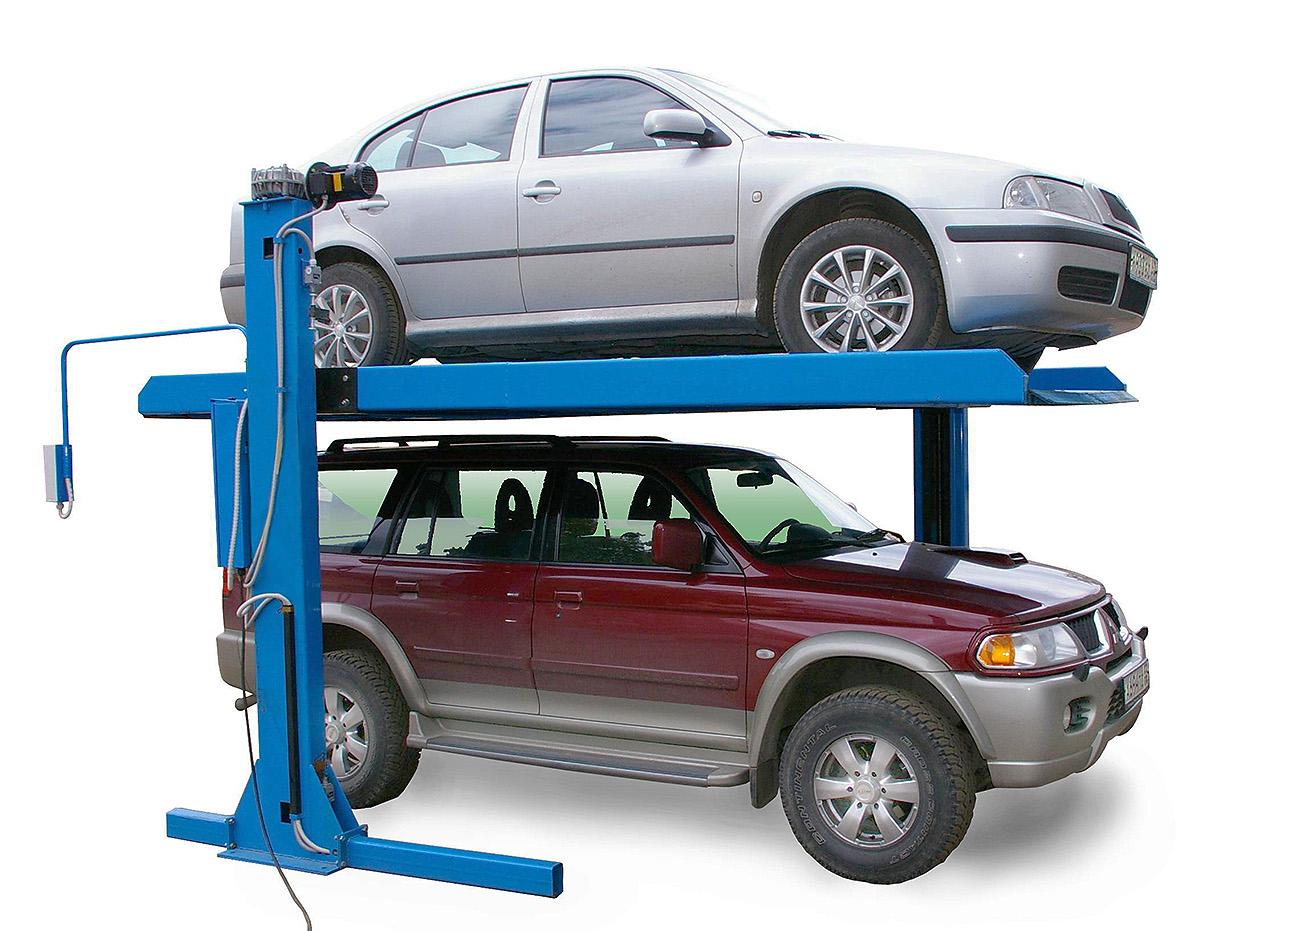 ПаркЛифт - Современные парковочные подъемники для любых